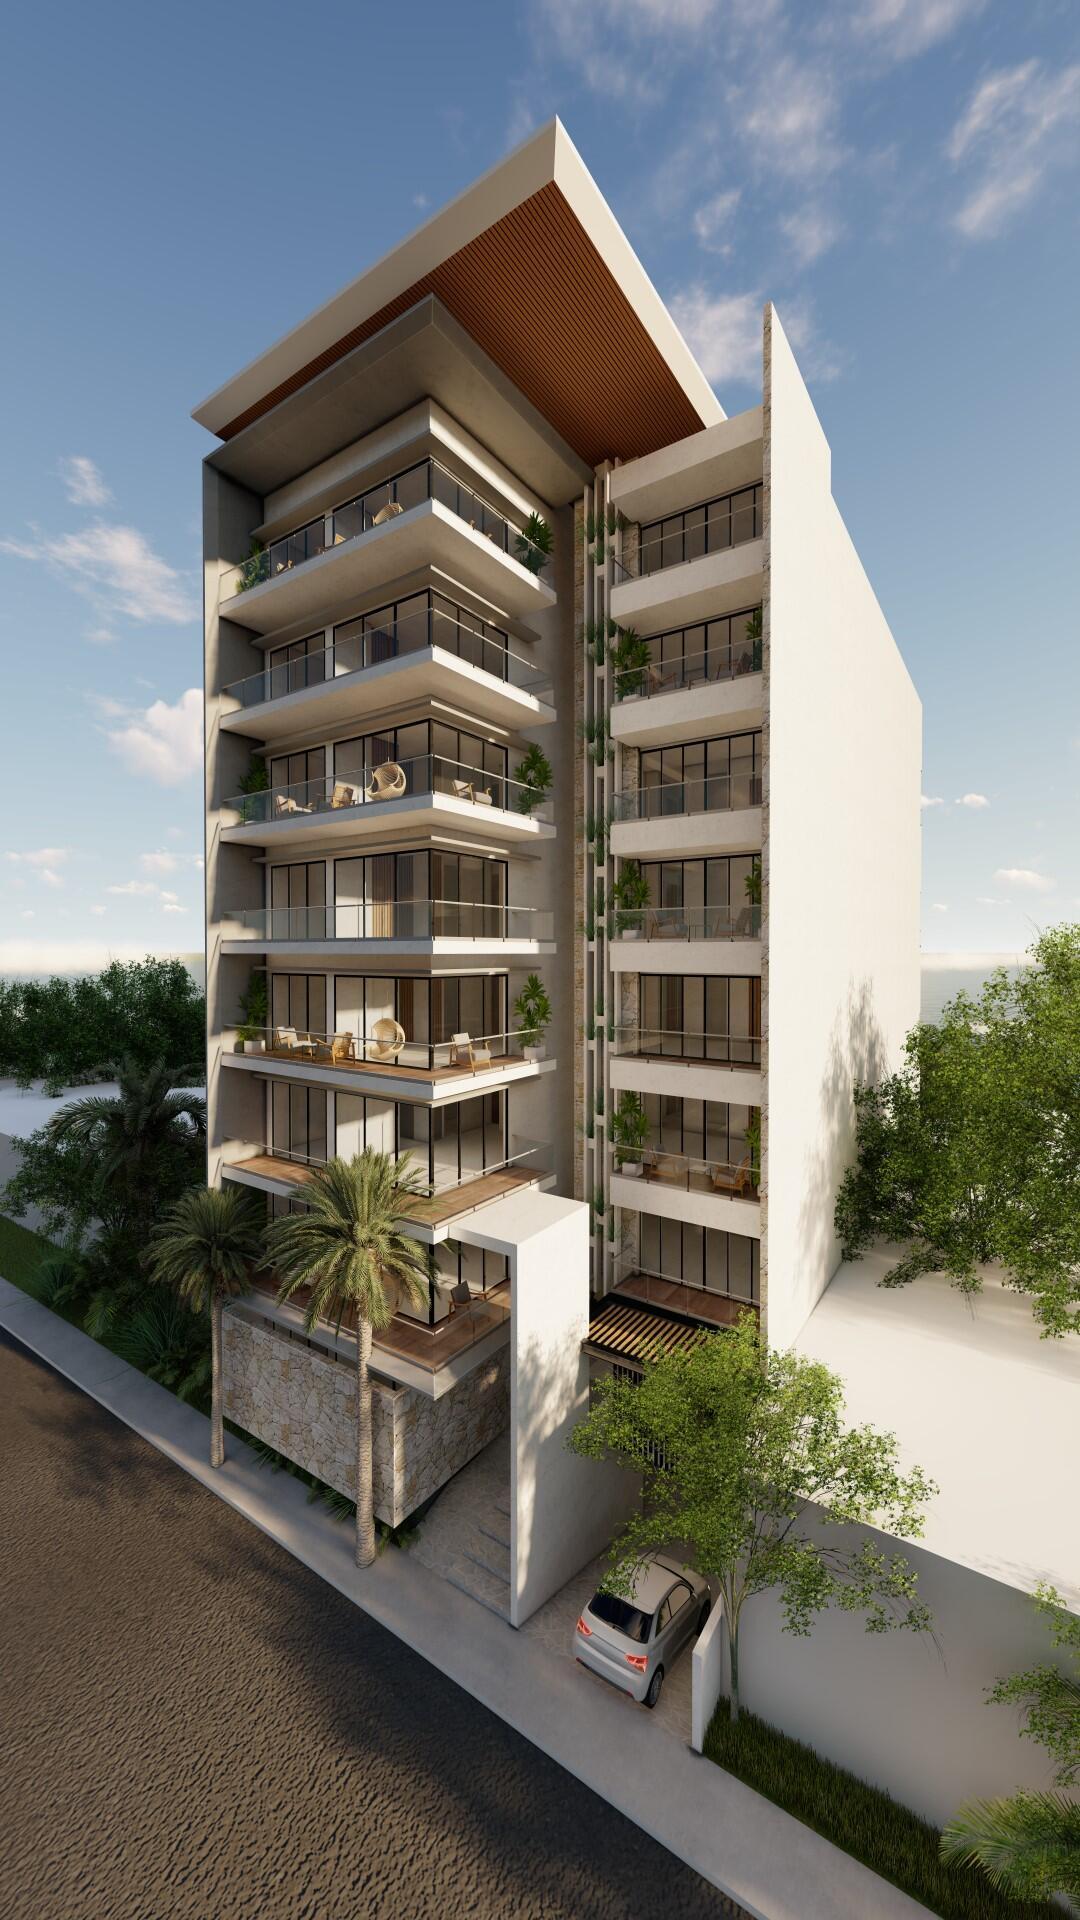 Bucerias, 2 Bedrooms Bedrooms, ,2.5 BathroomsBathrooms,Condo,For Sale,Playa Destiladeras,21520